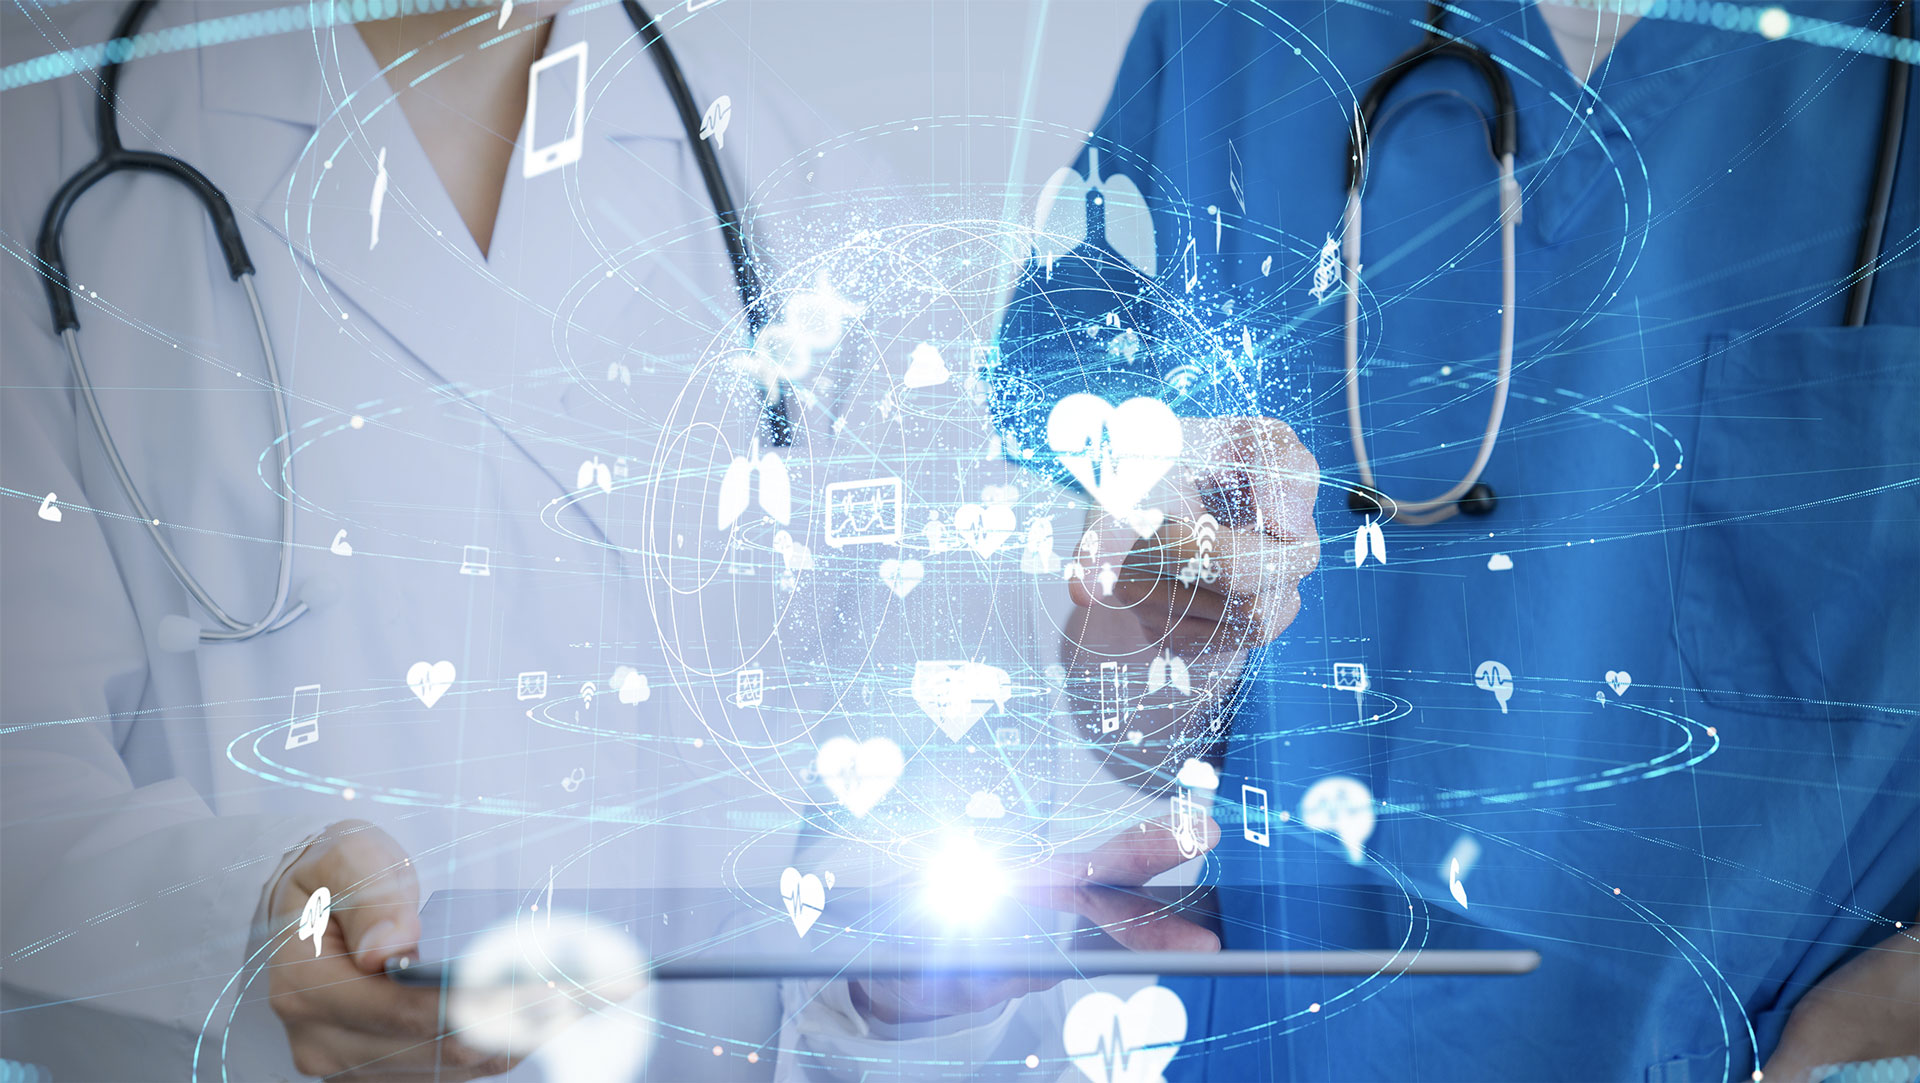 Immagine medicina del lavoro